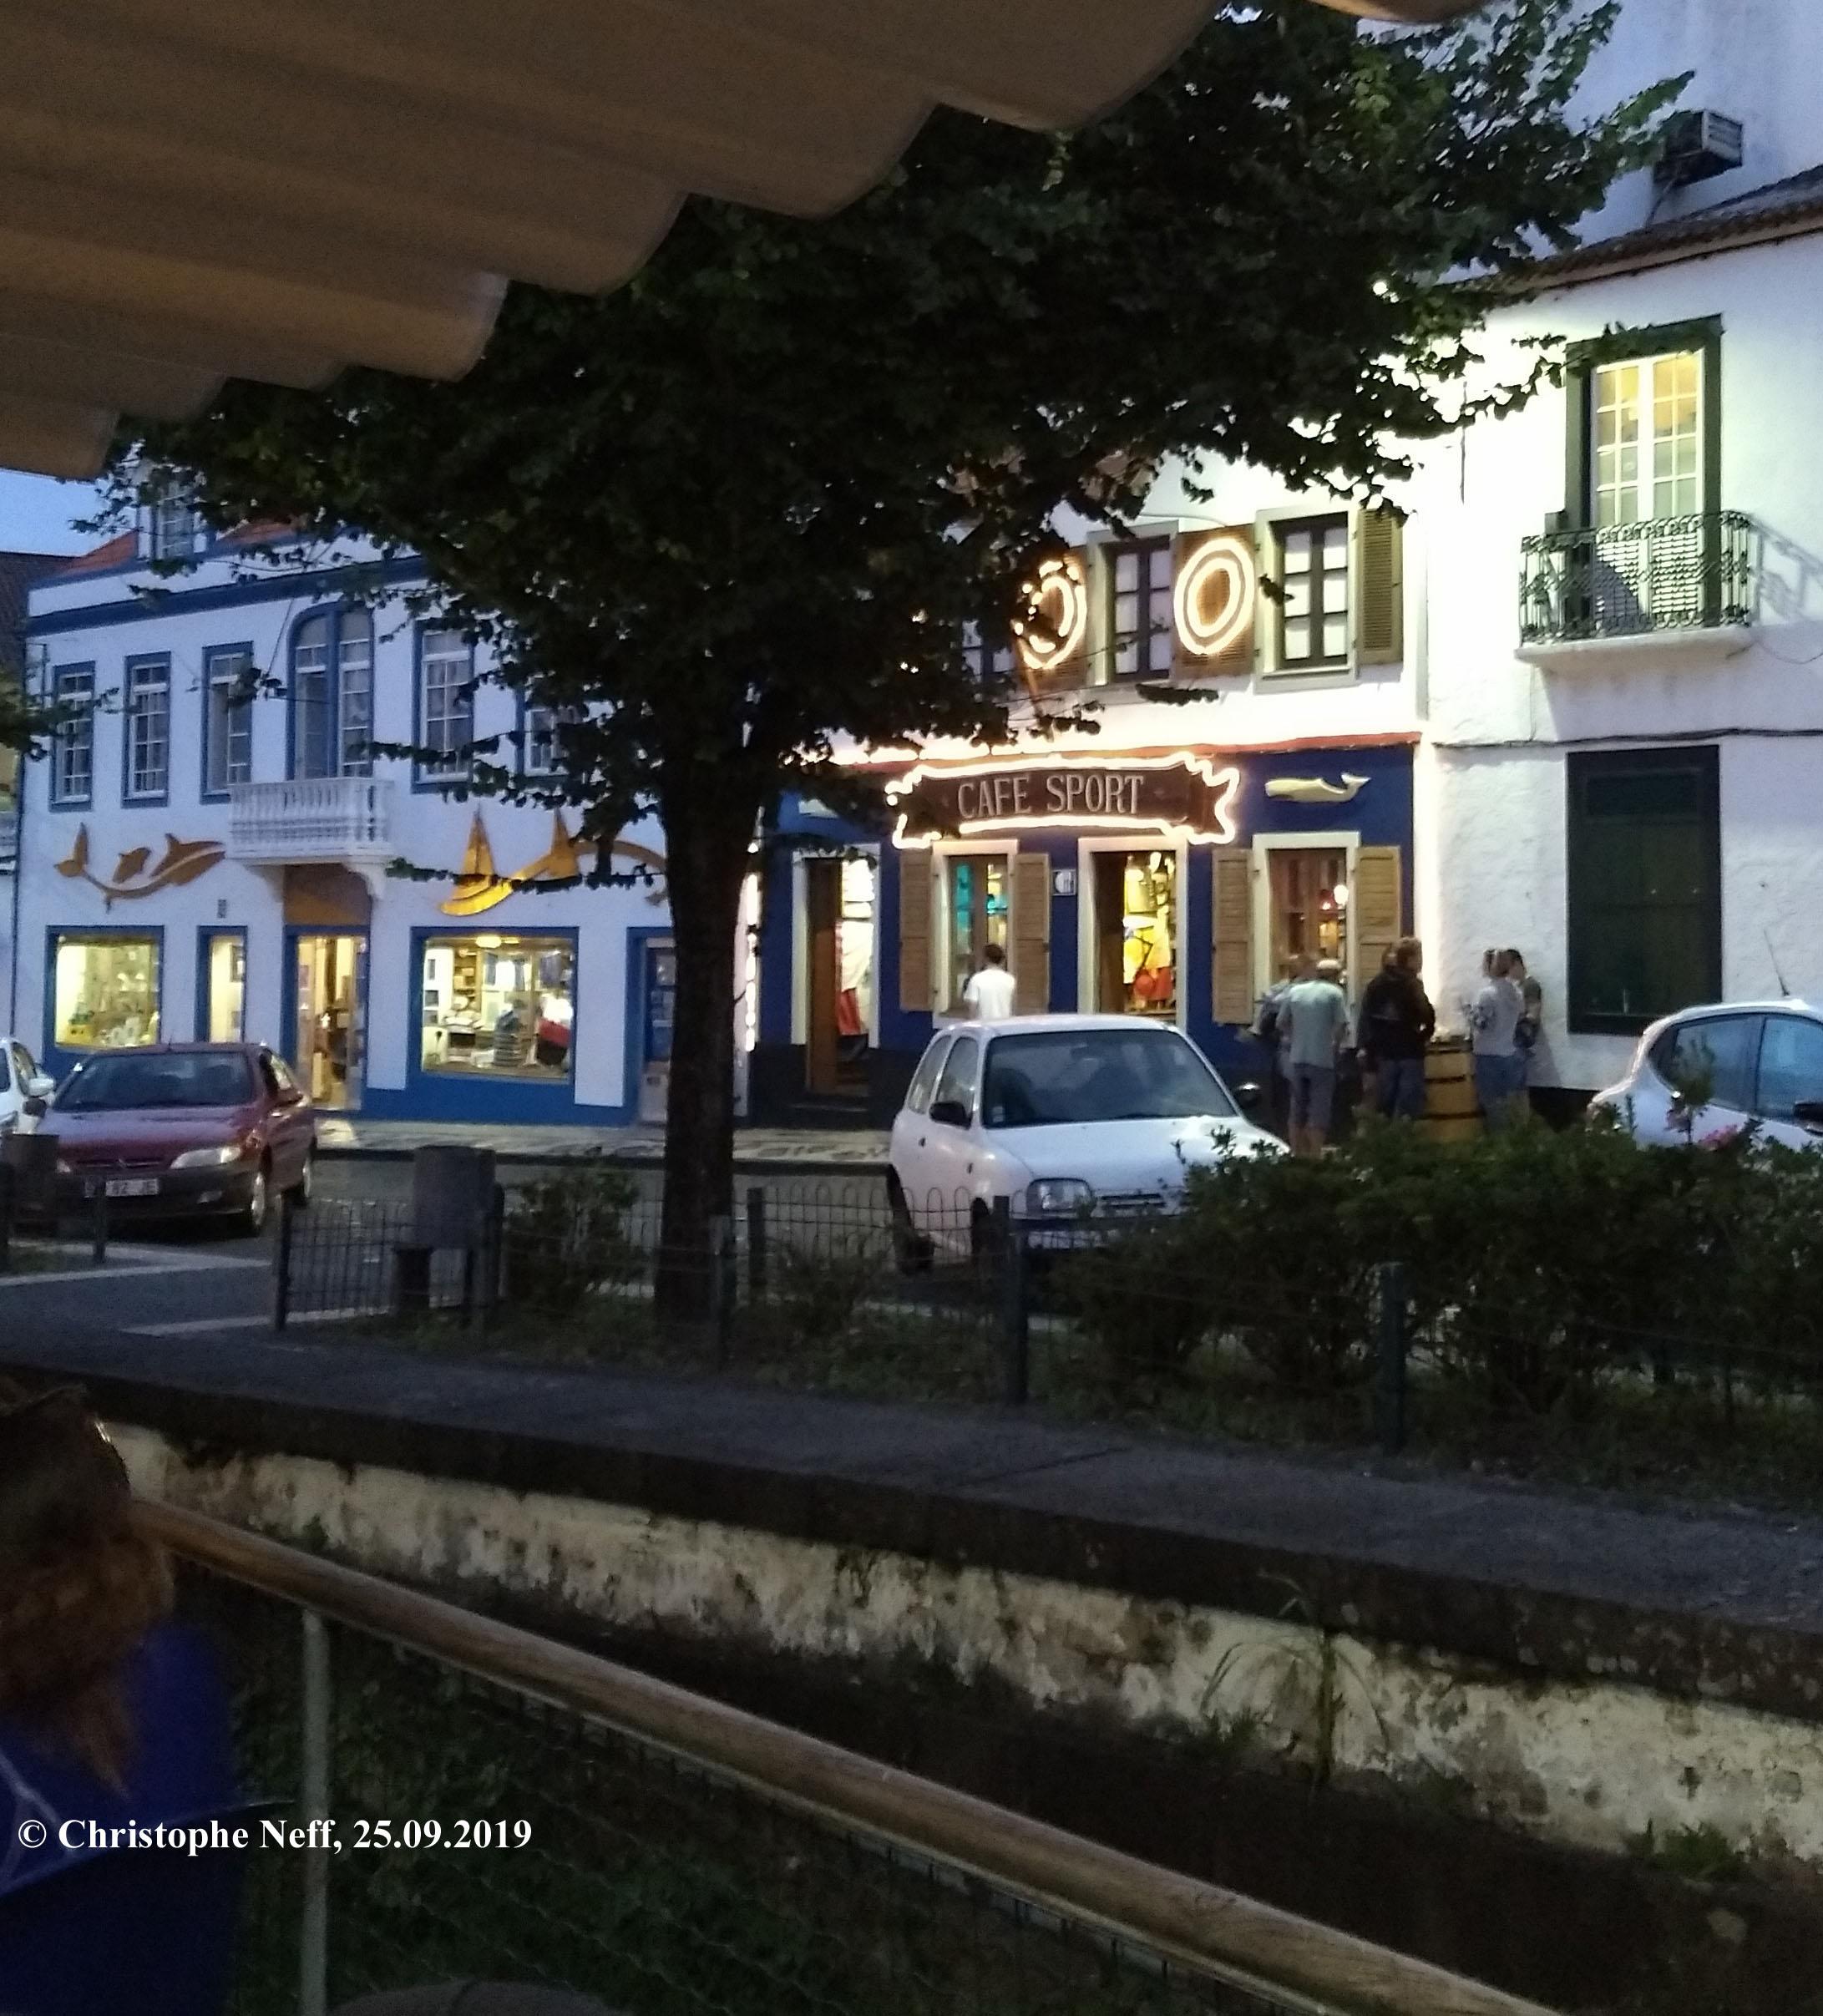 Vue sur Peter Café Sport (Horta 25.09.2019)